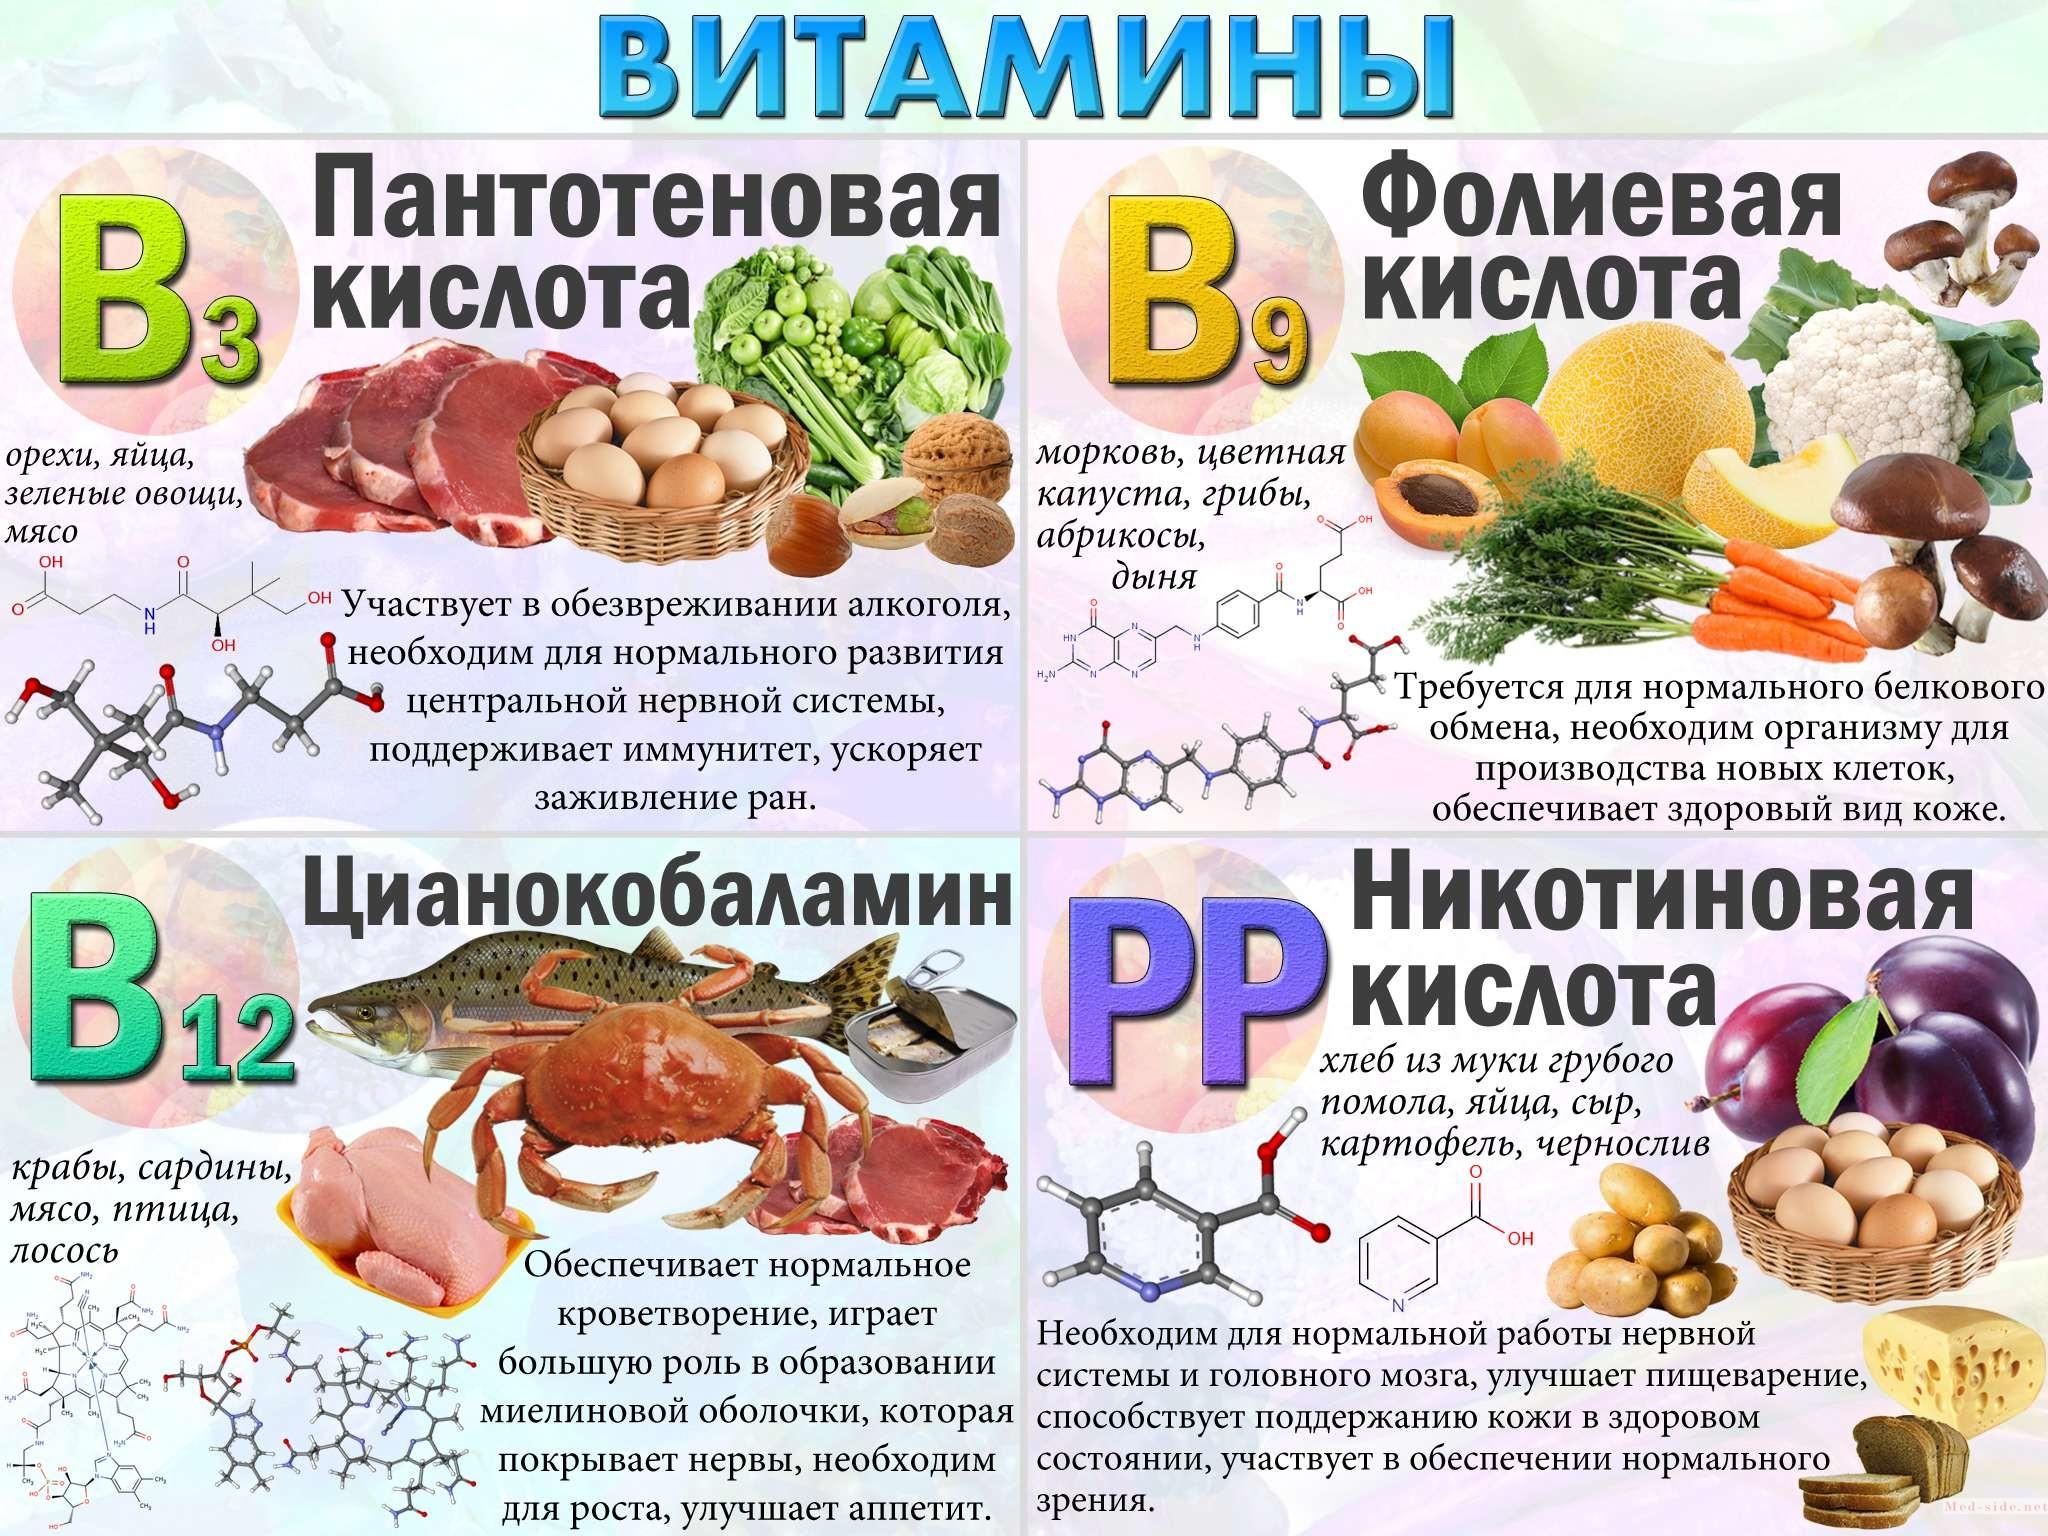 Картинка таблица витаминов для детей